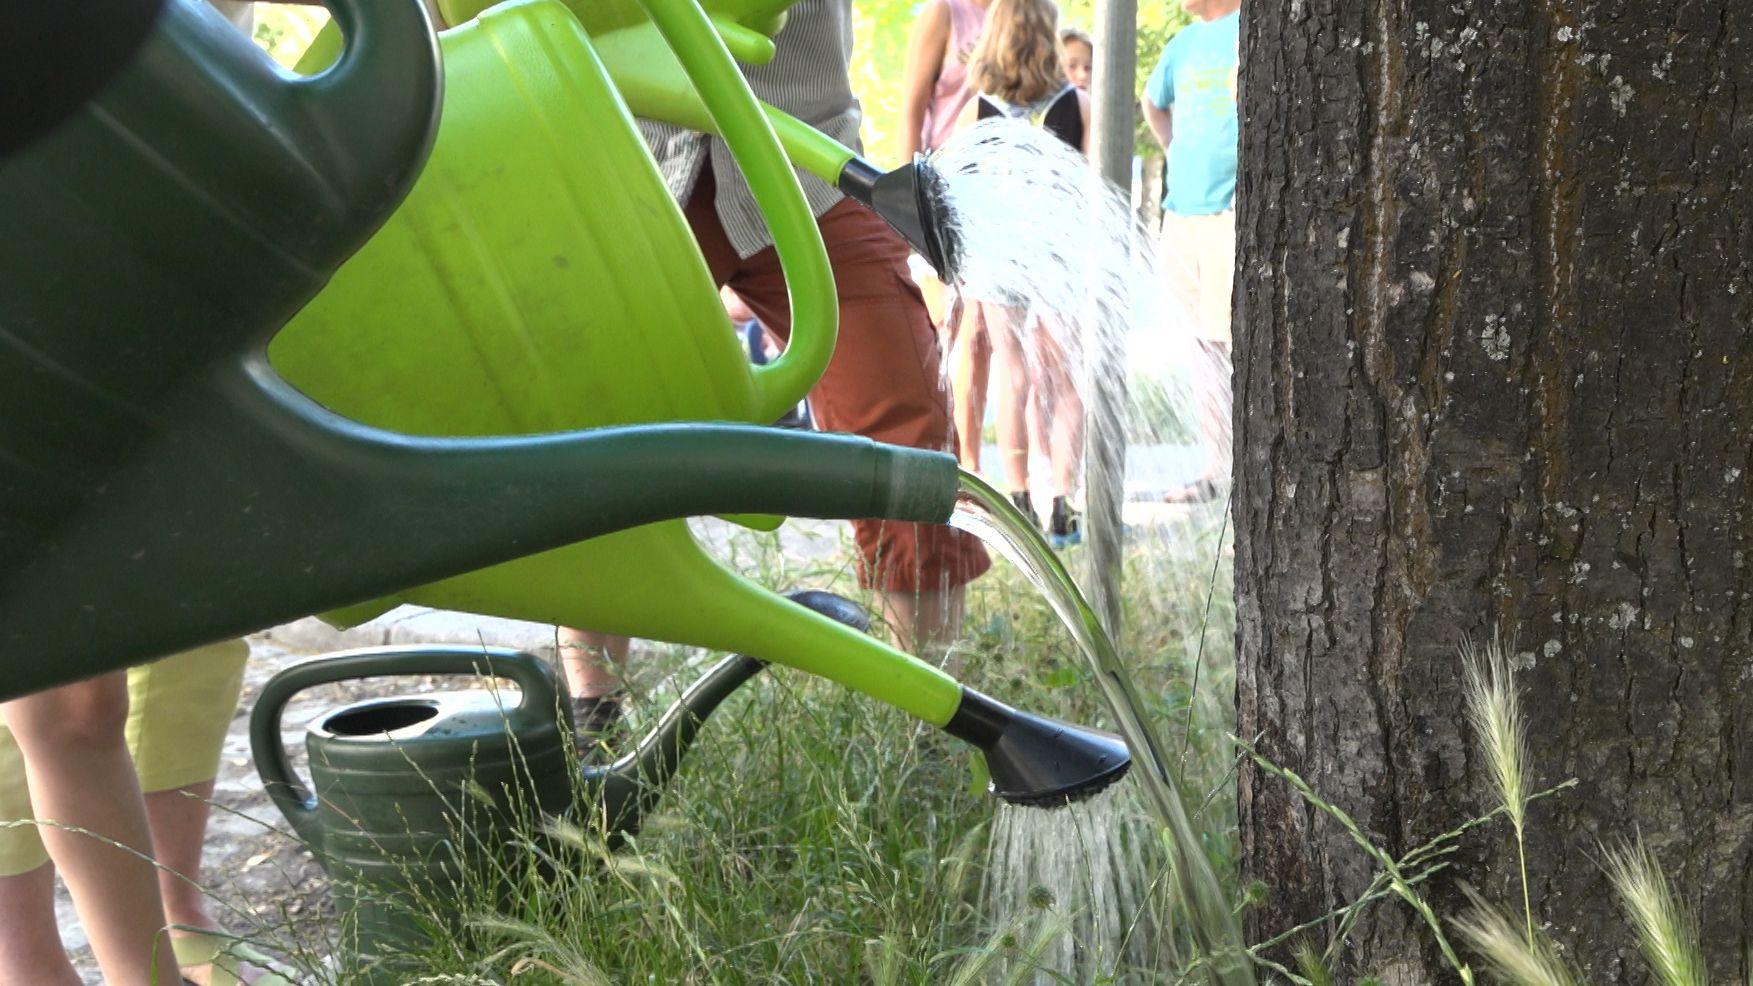 Anwohner zum Bäume gießen motivieren: Die Augsburger Baum-Allianz fordert mehr Einsatz fürs Grün am Straßenrand.